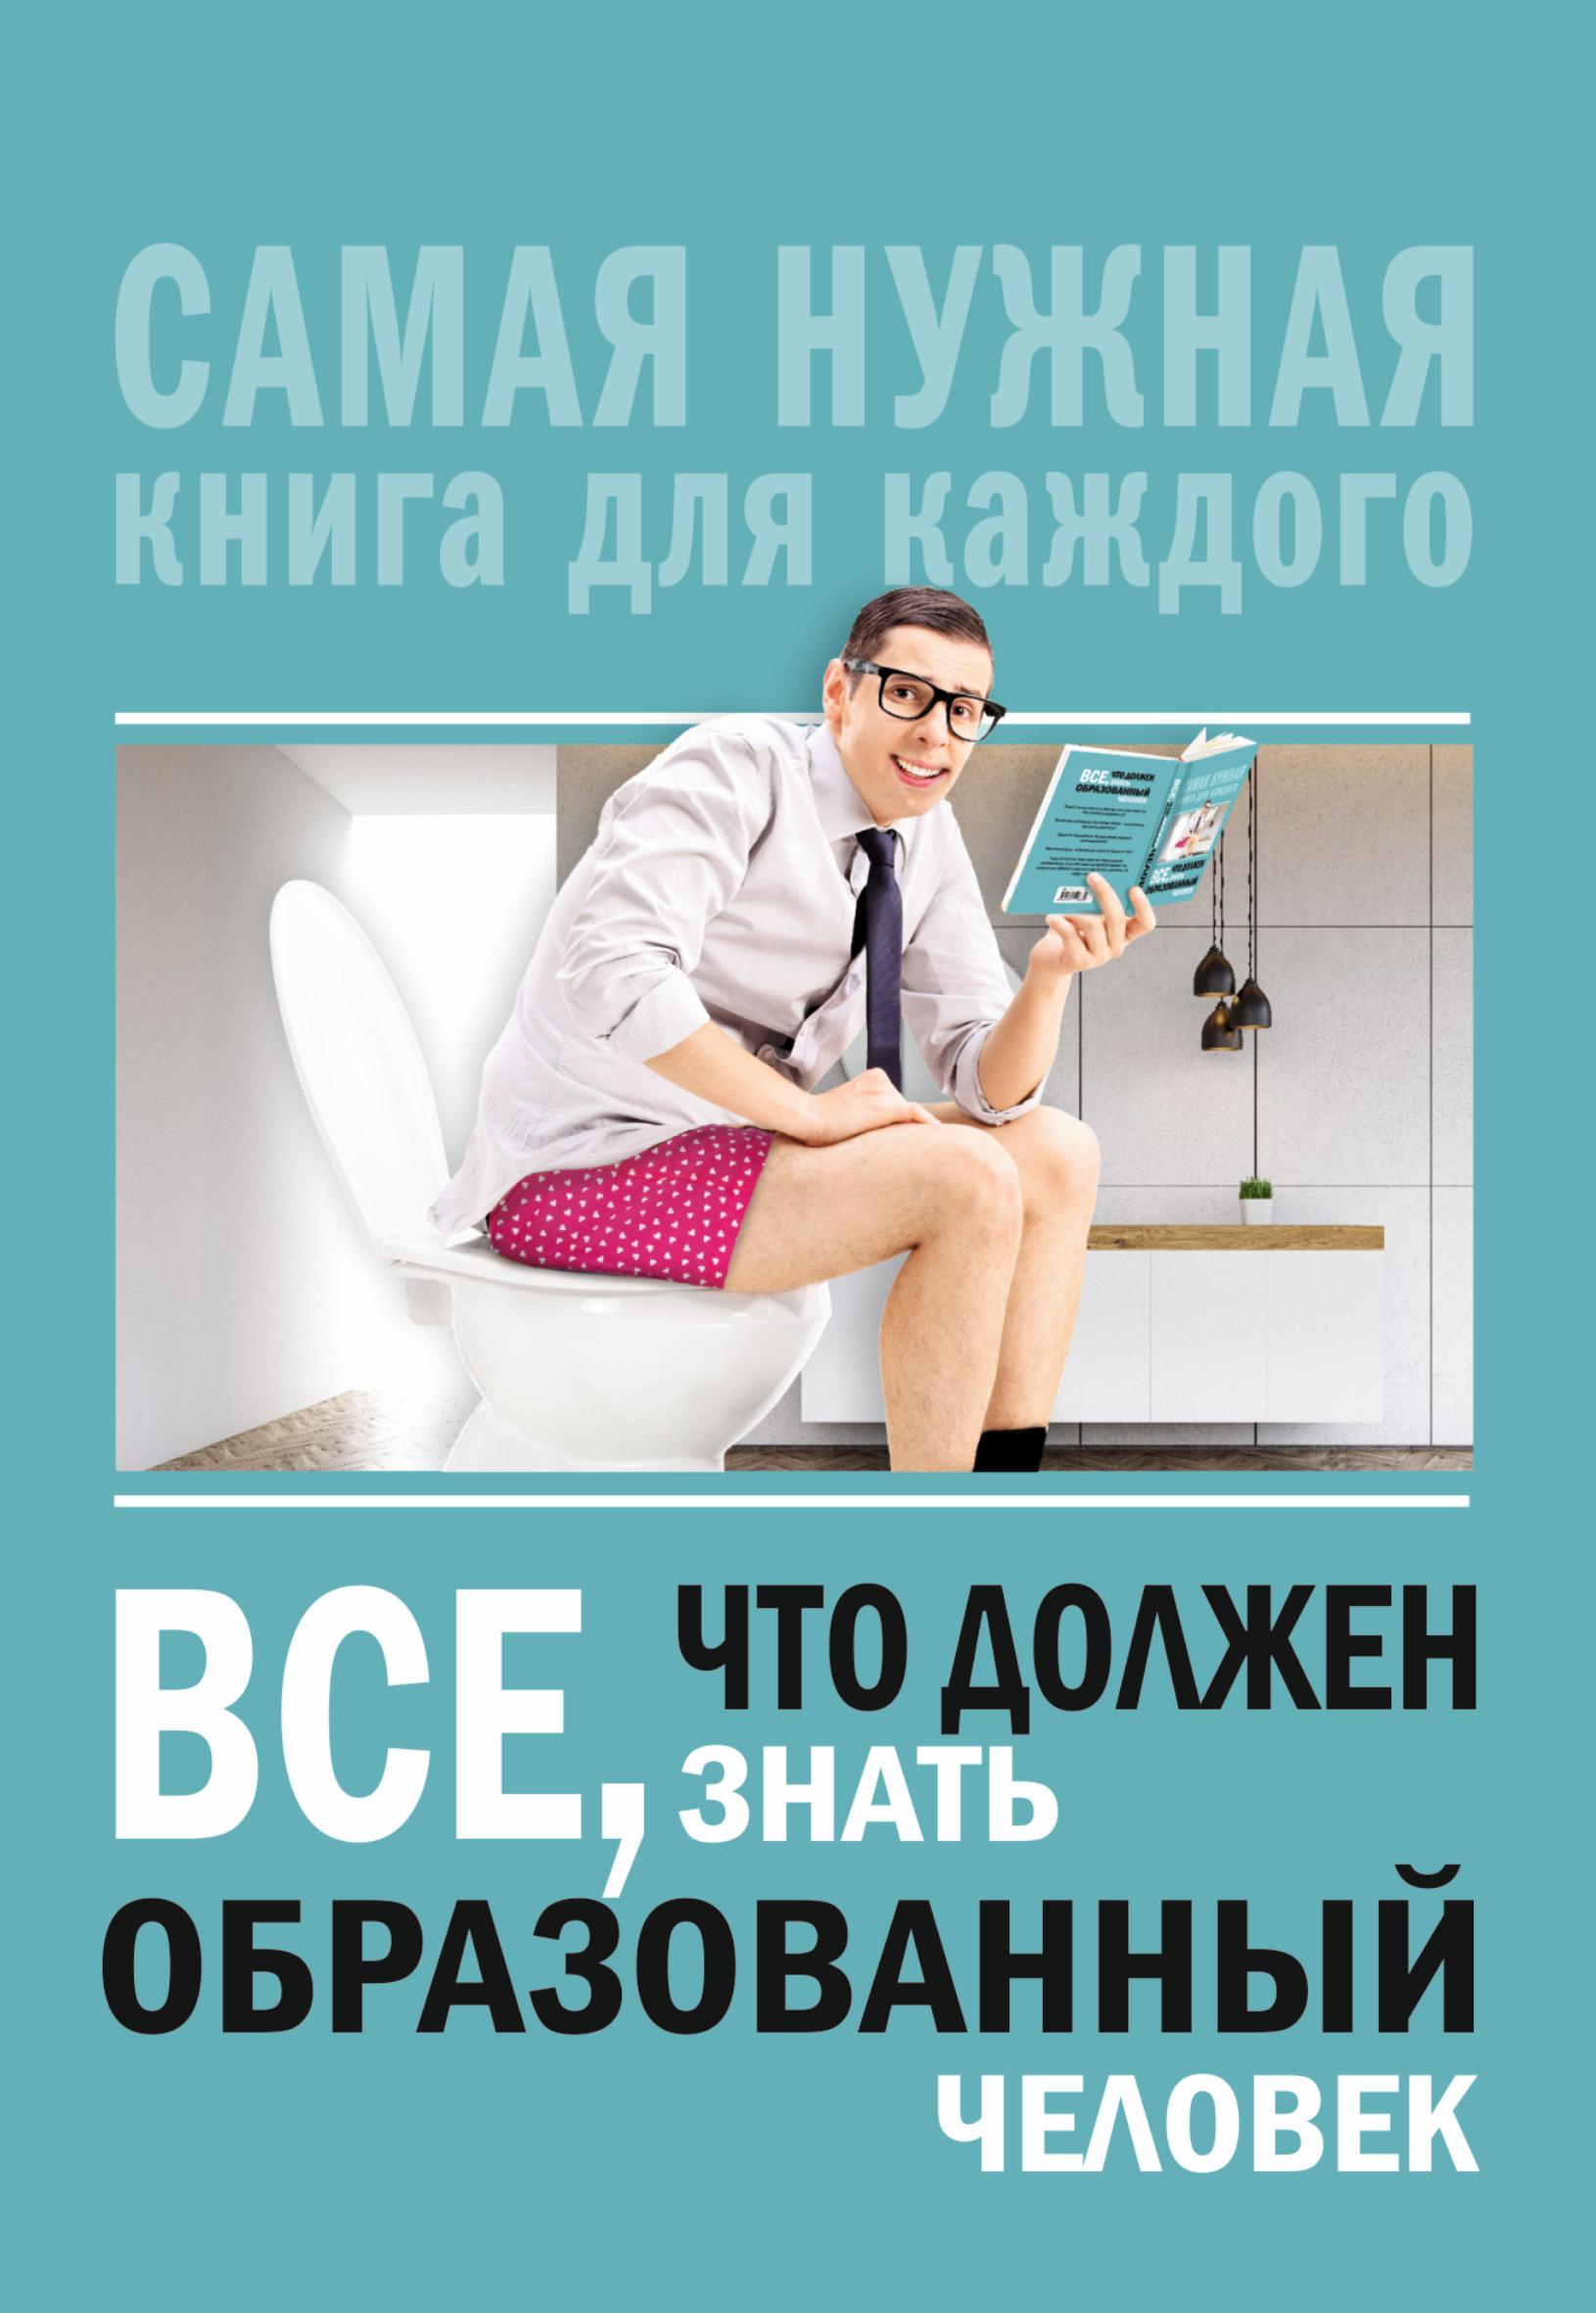 Блохина Ирина Валериевна Всё, что должен знать образованный человек блохина ирина валериевна спектор анна артуровна все что должен знать каждый образованный человек о науке